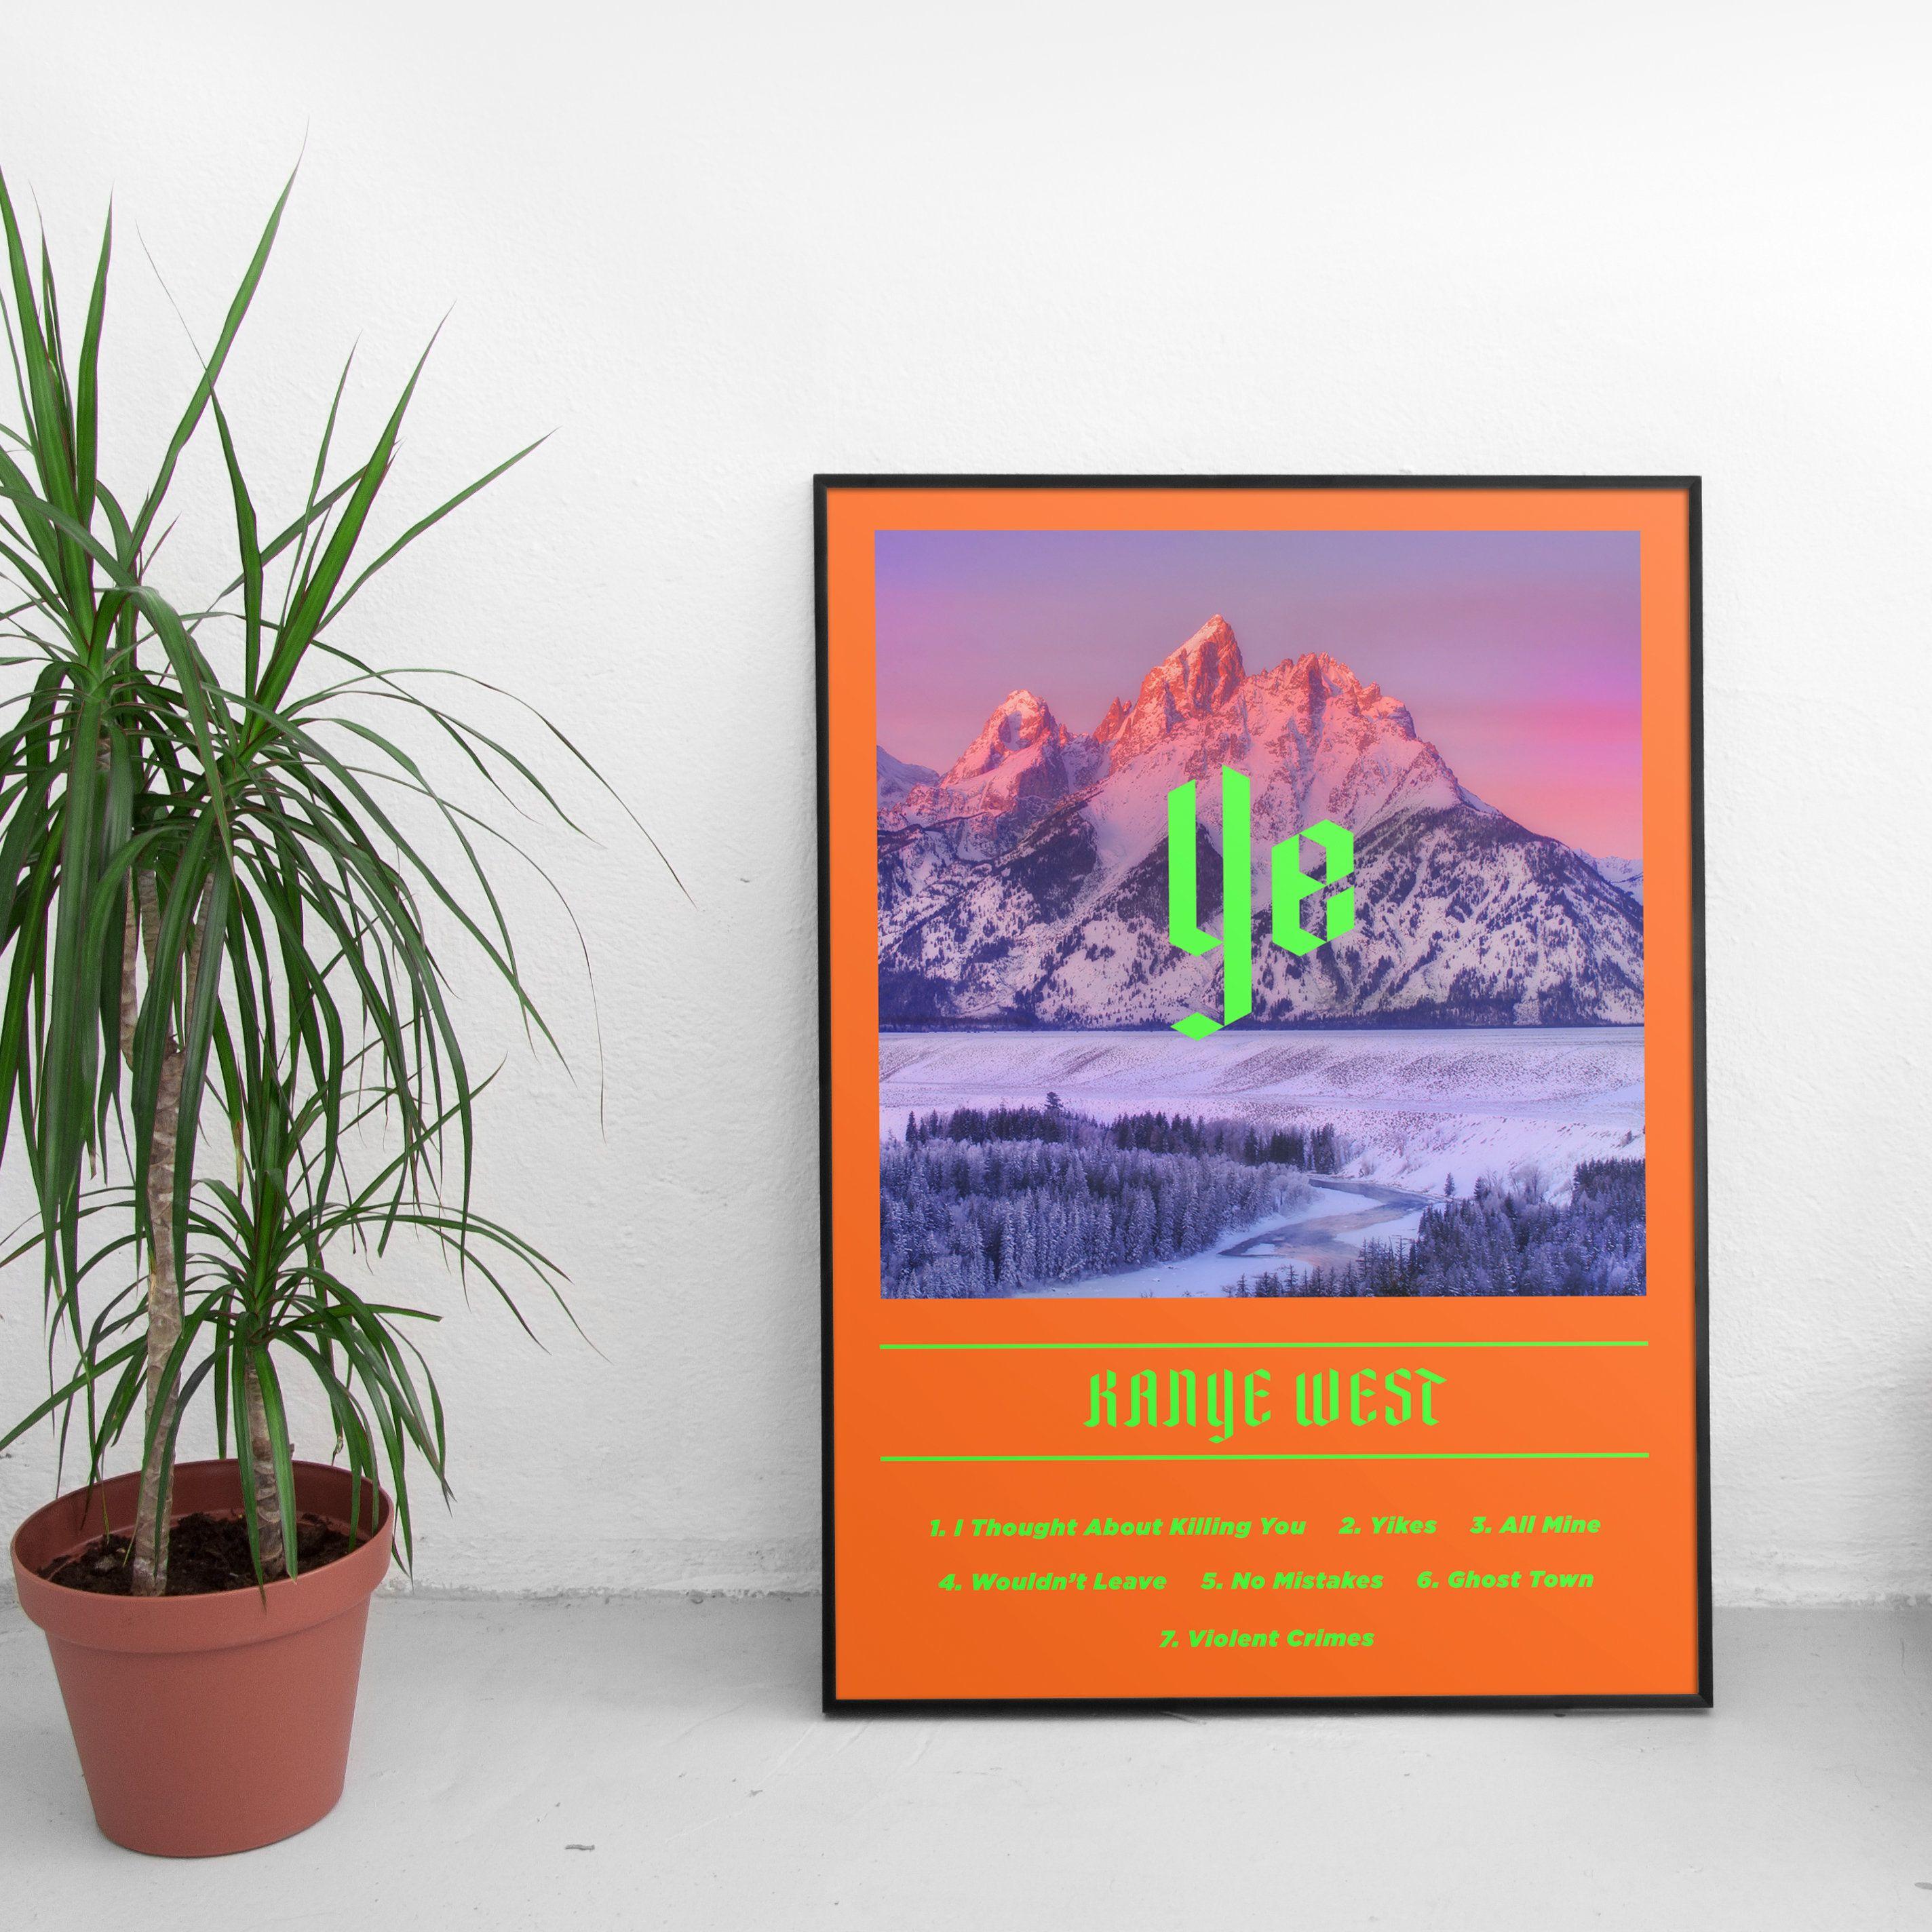 Kanye West Ye Album Print Ye Album Merch Ye Album Poster Kanye West Hip Hop Print Kanye West Poster Kanye West Art Hip Hop Poster West Art Poster Prints